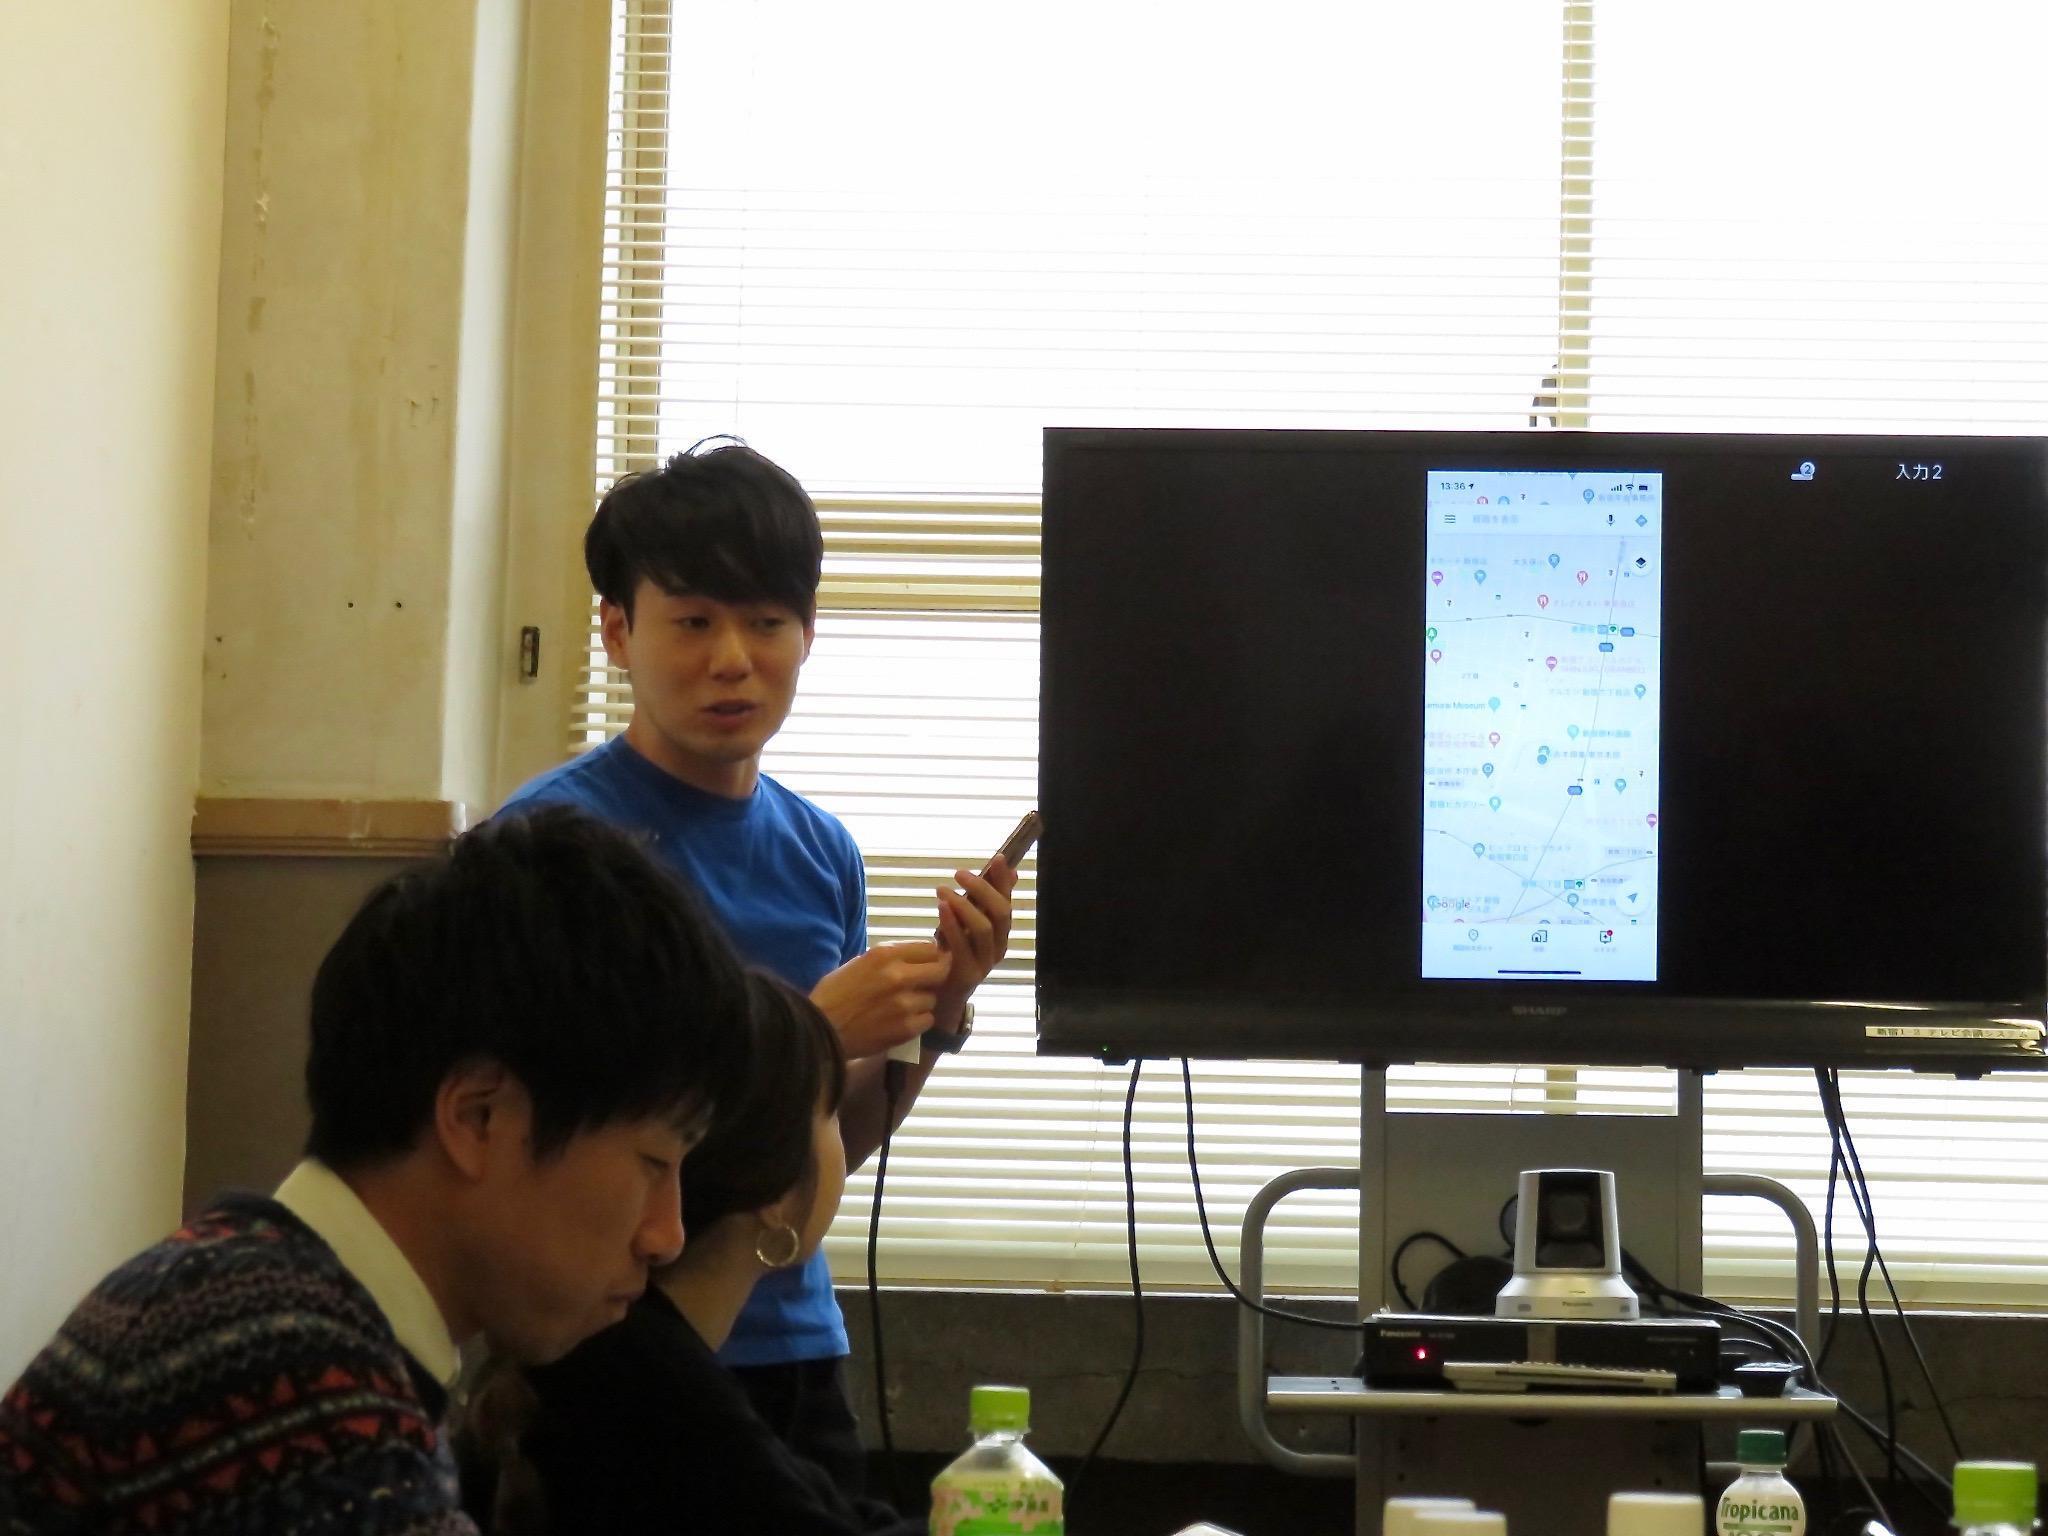 http://news.yoshimoto.co.jp/20190201195815-5578159d2281d33571617e0d5742f7abbe179688.jpeg